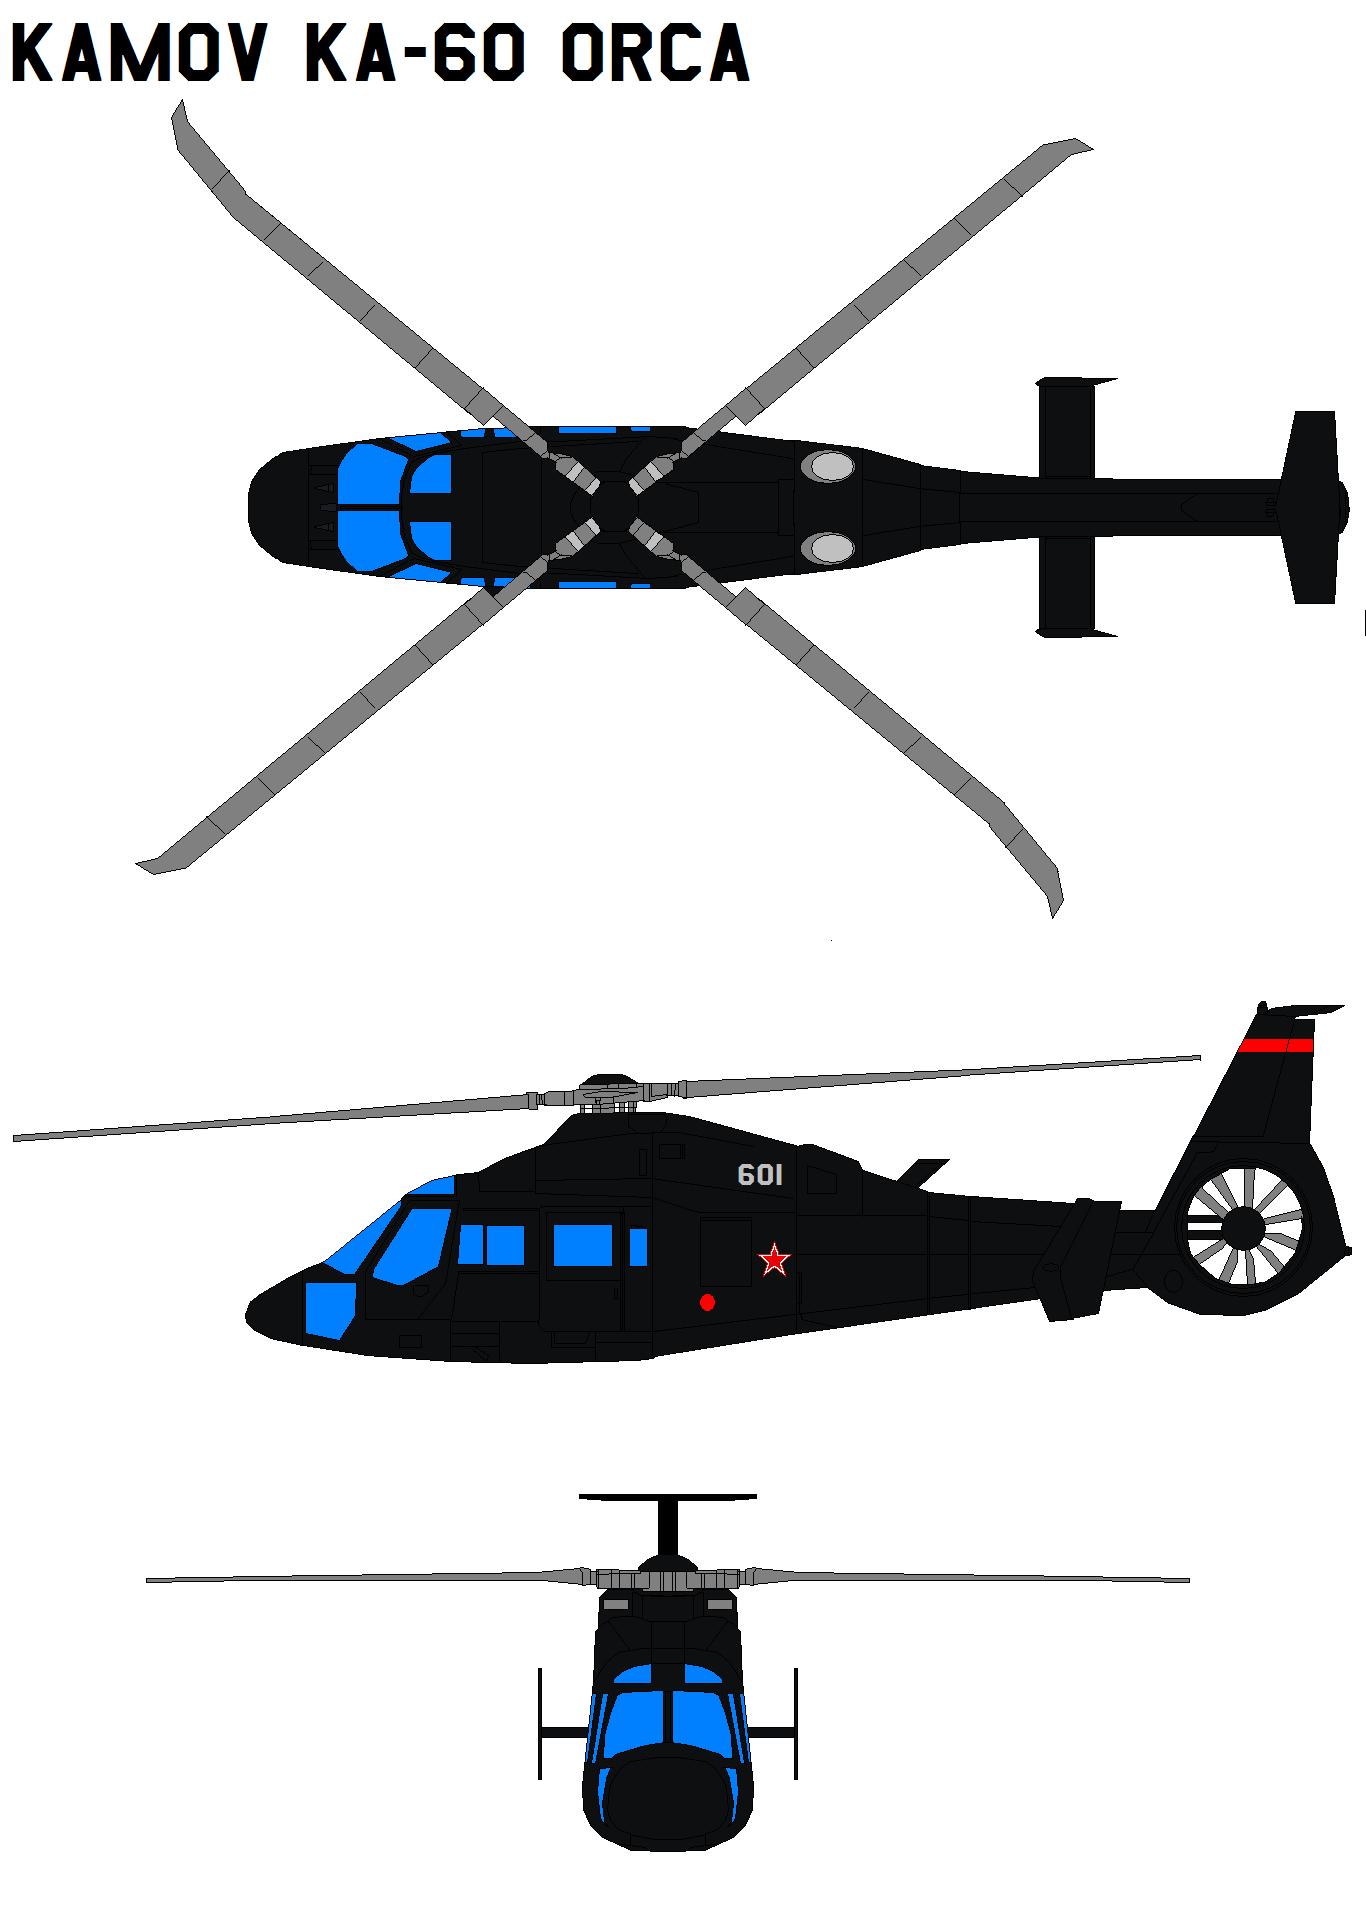 Kamov Ka-60 Orca by bagera3005